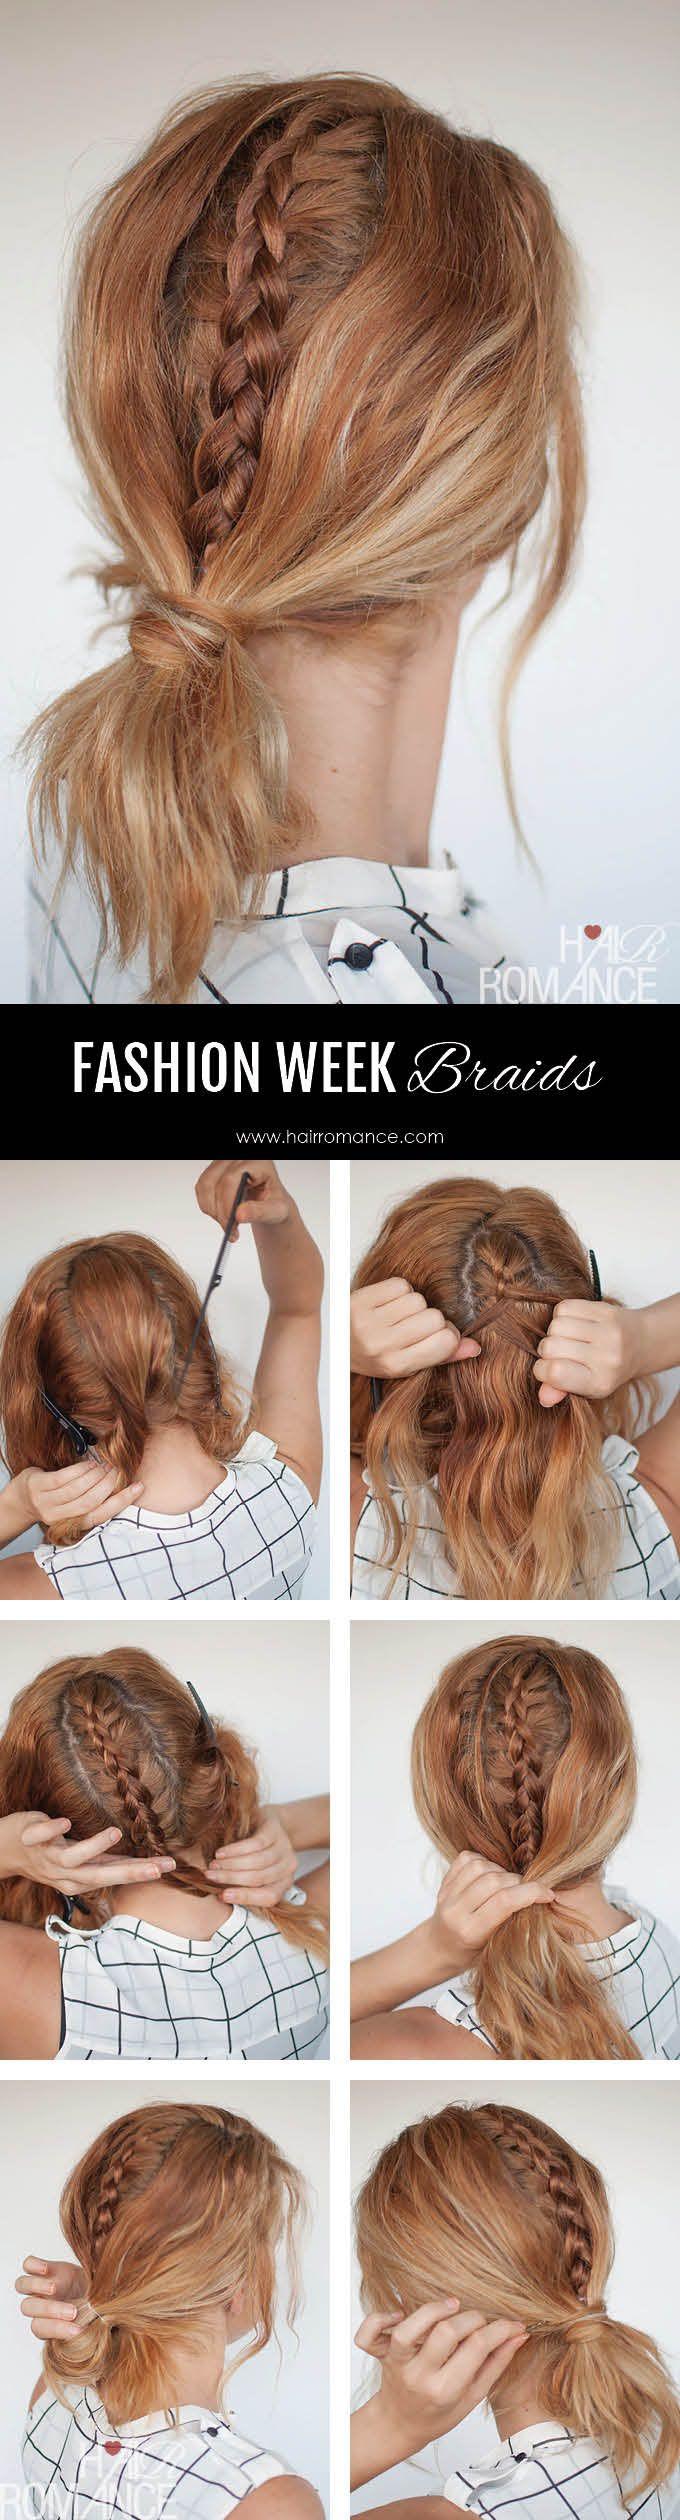 Hair Romance - Fashion Week Braids - hidden braid tutorial